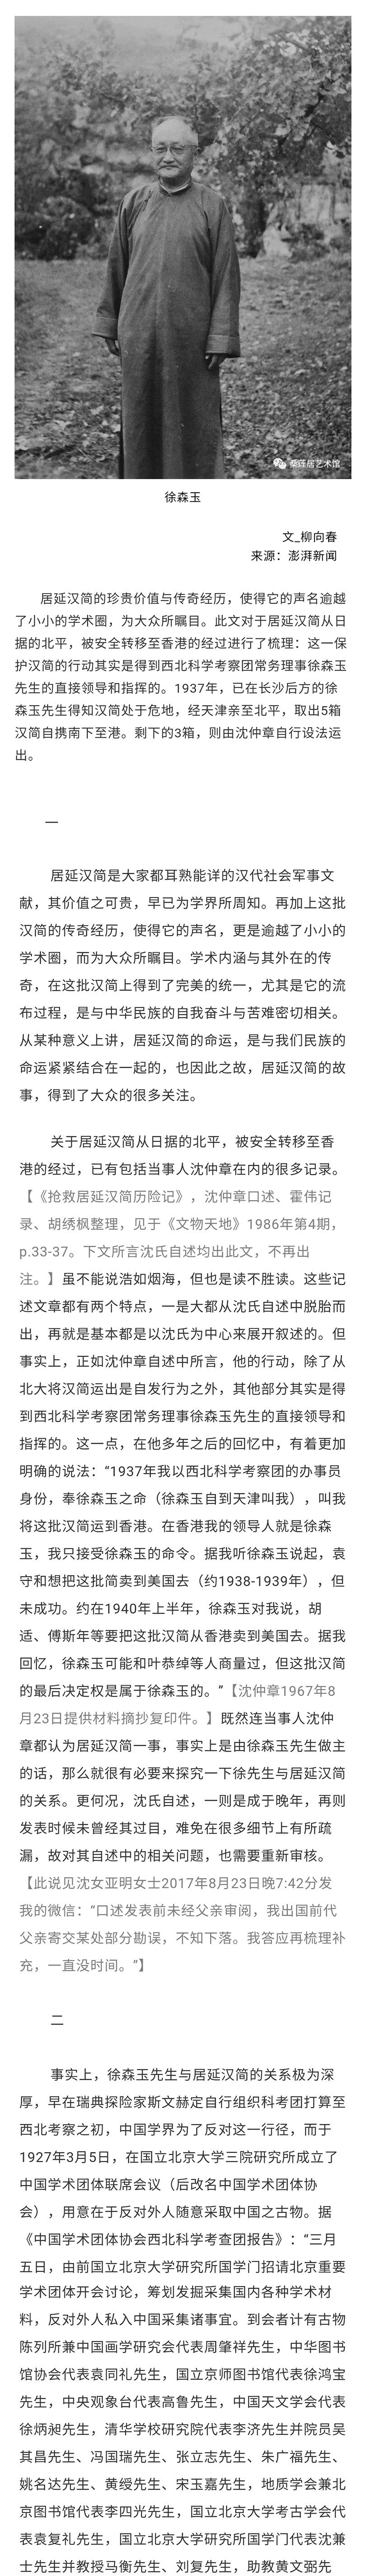 柳向春:徐森玉先生与居延汉简1 副本